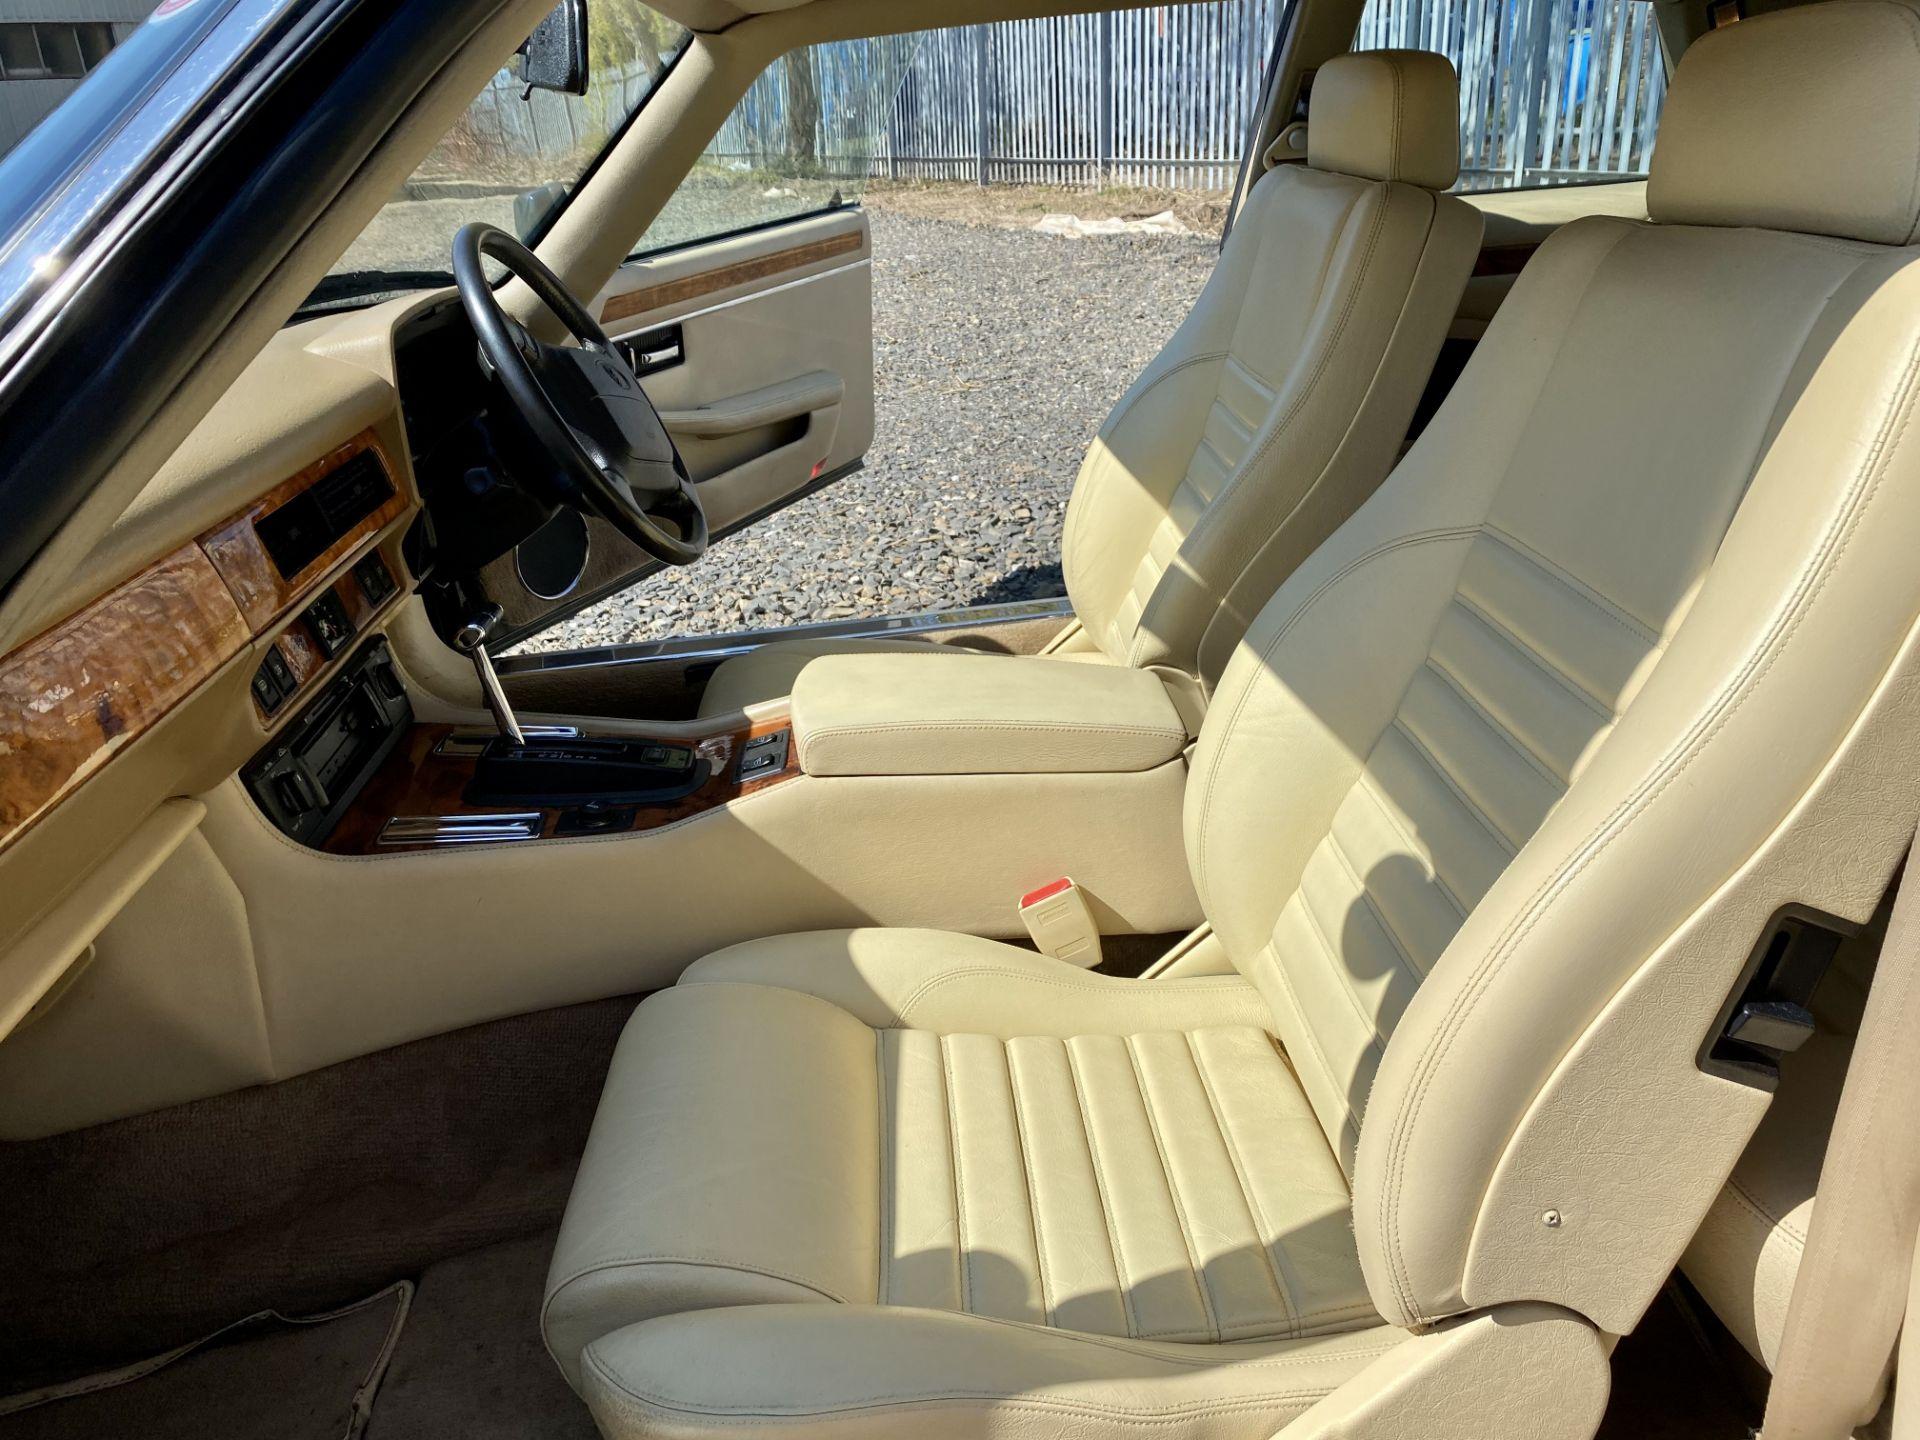 Jaguar XJS coupe - Image 50 of 64